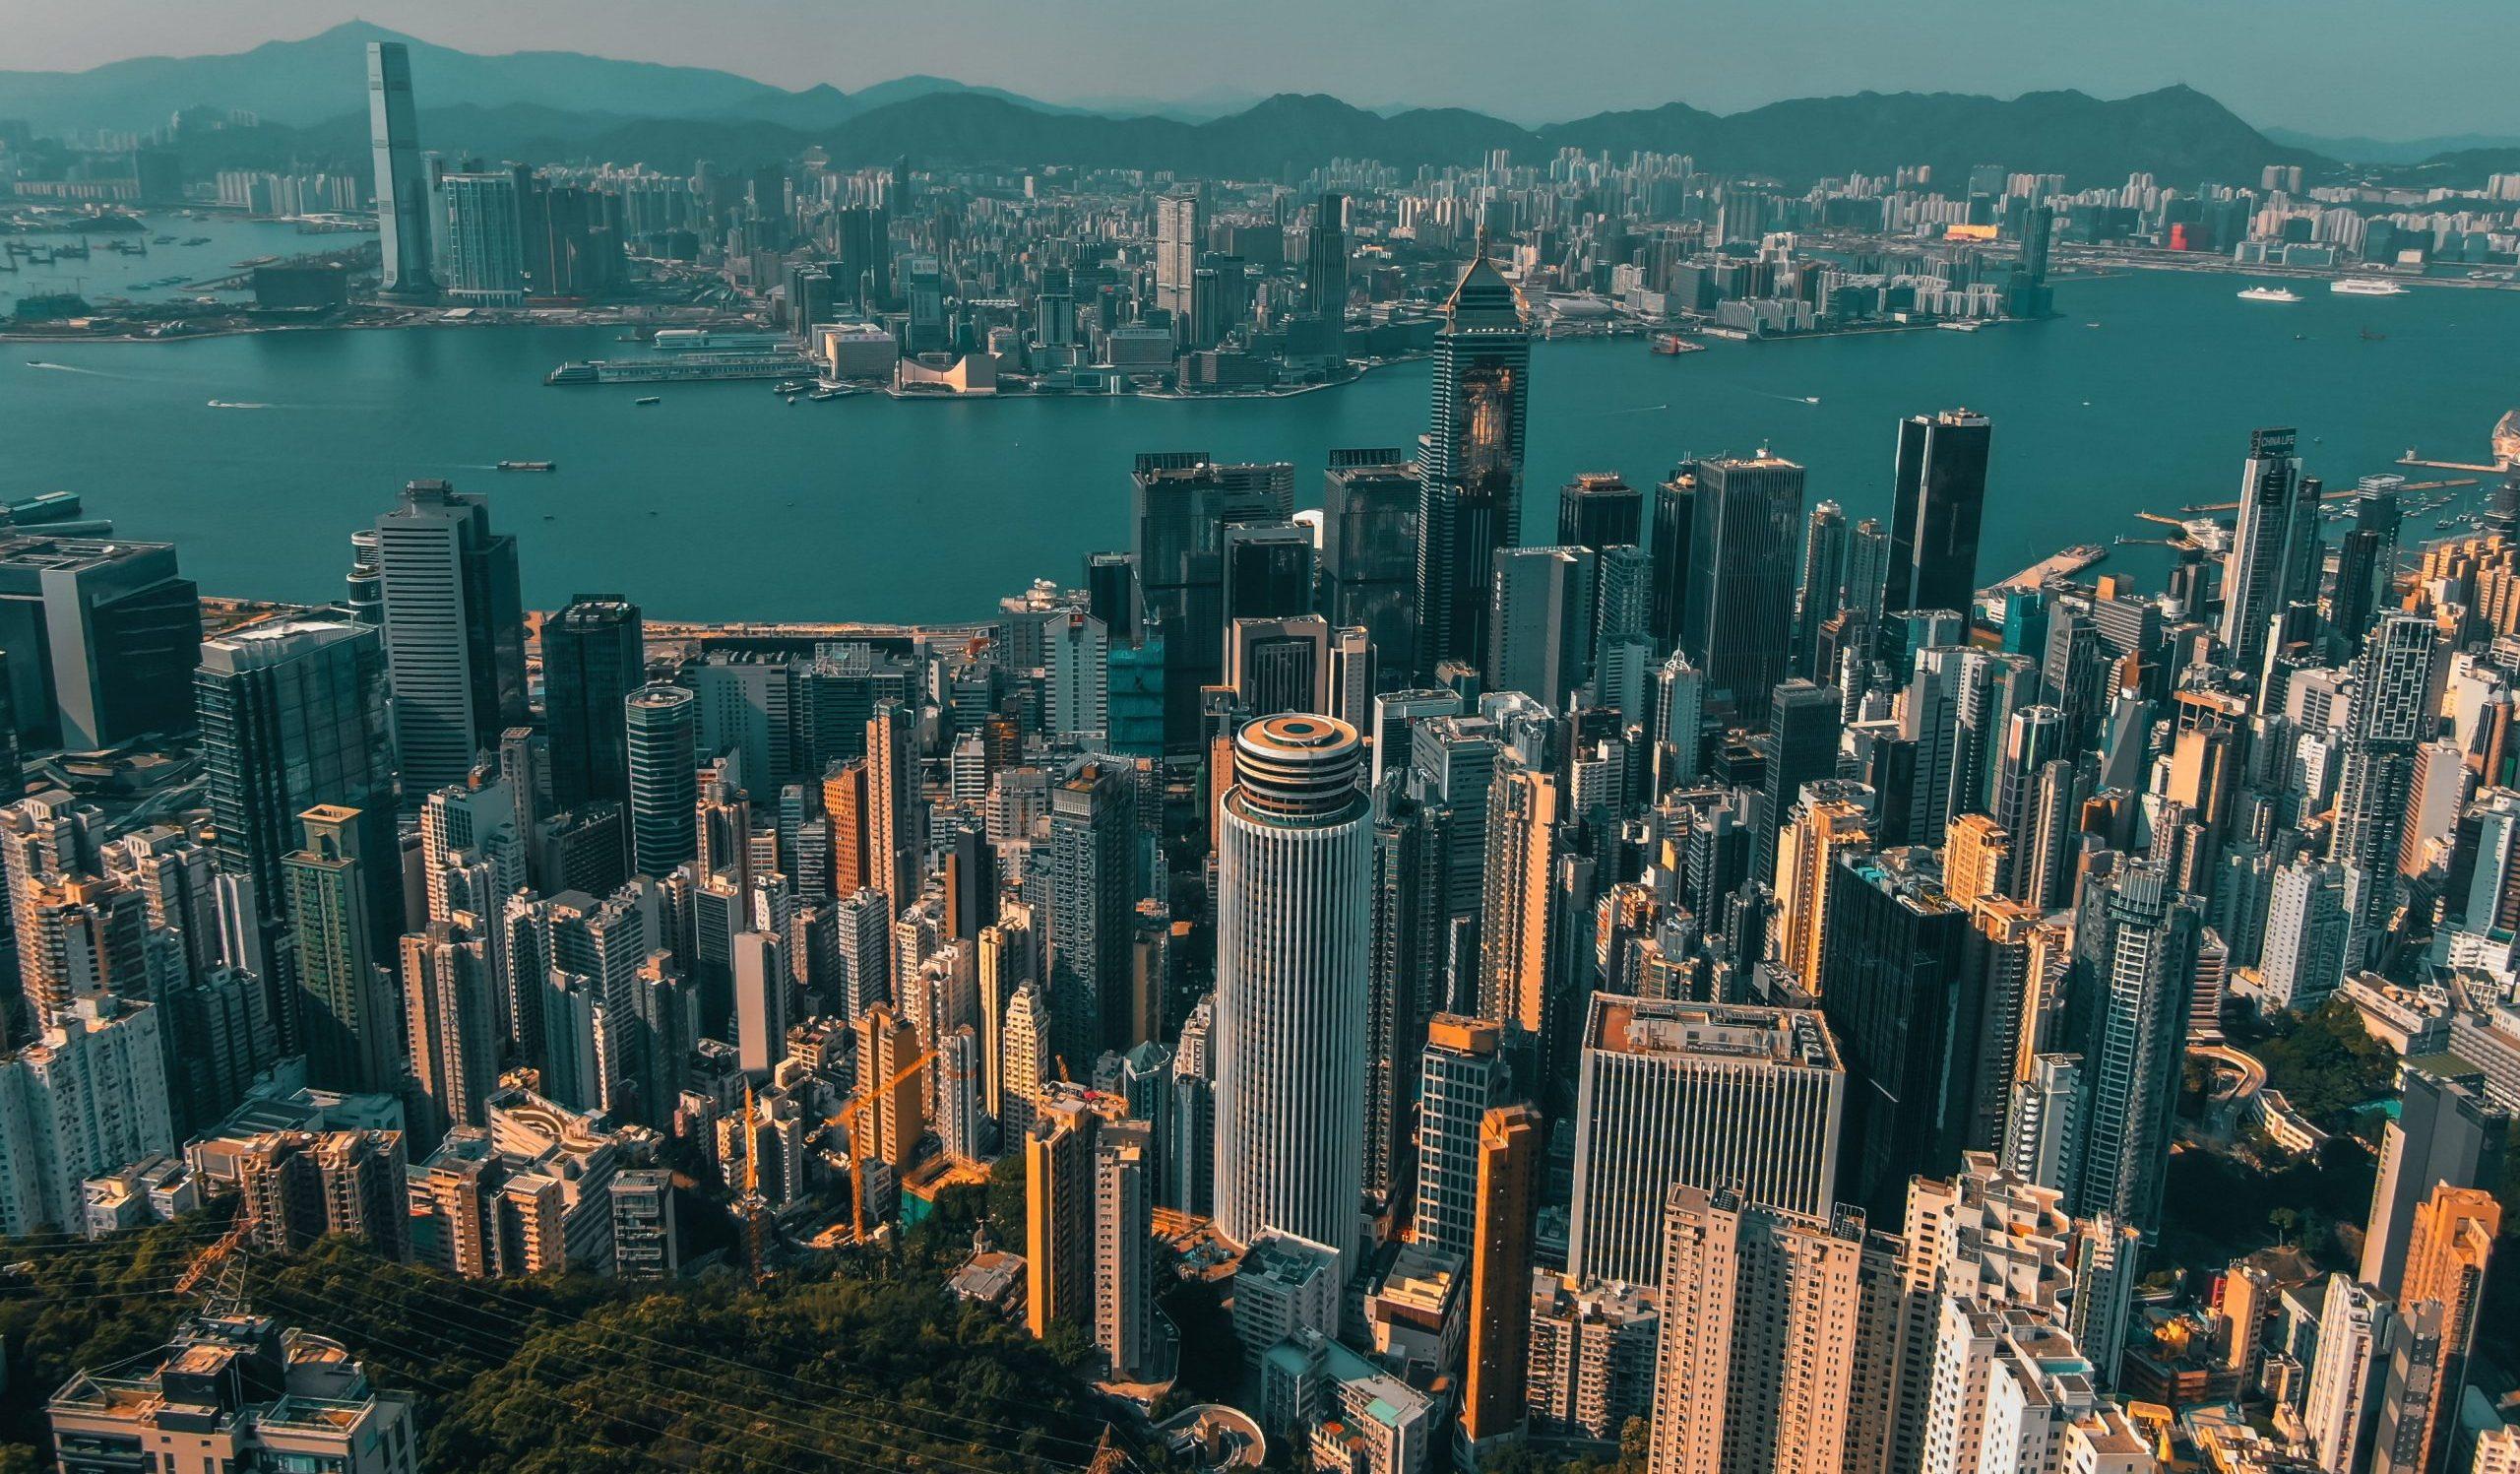 Kauf: ICBC – die größte Bank der Welt